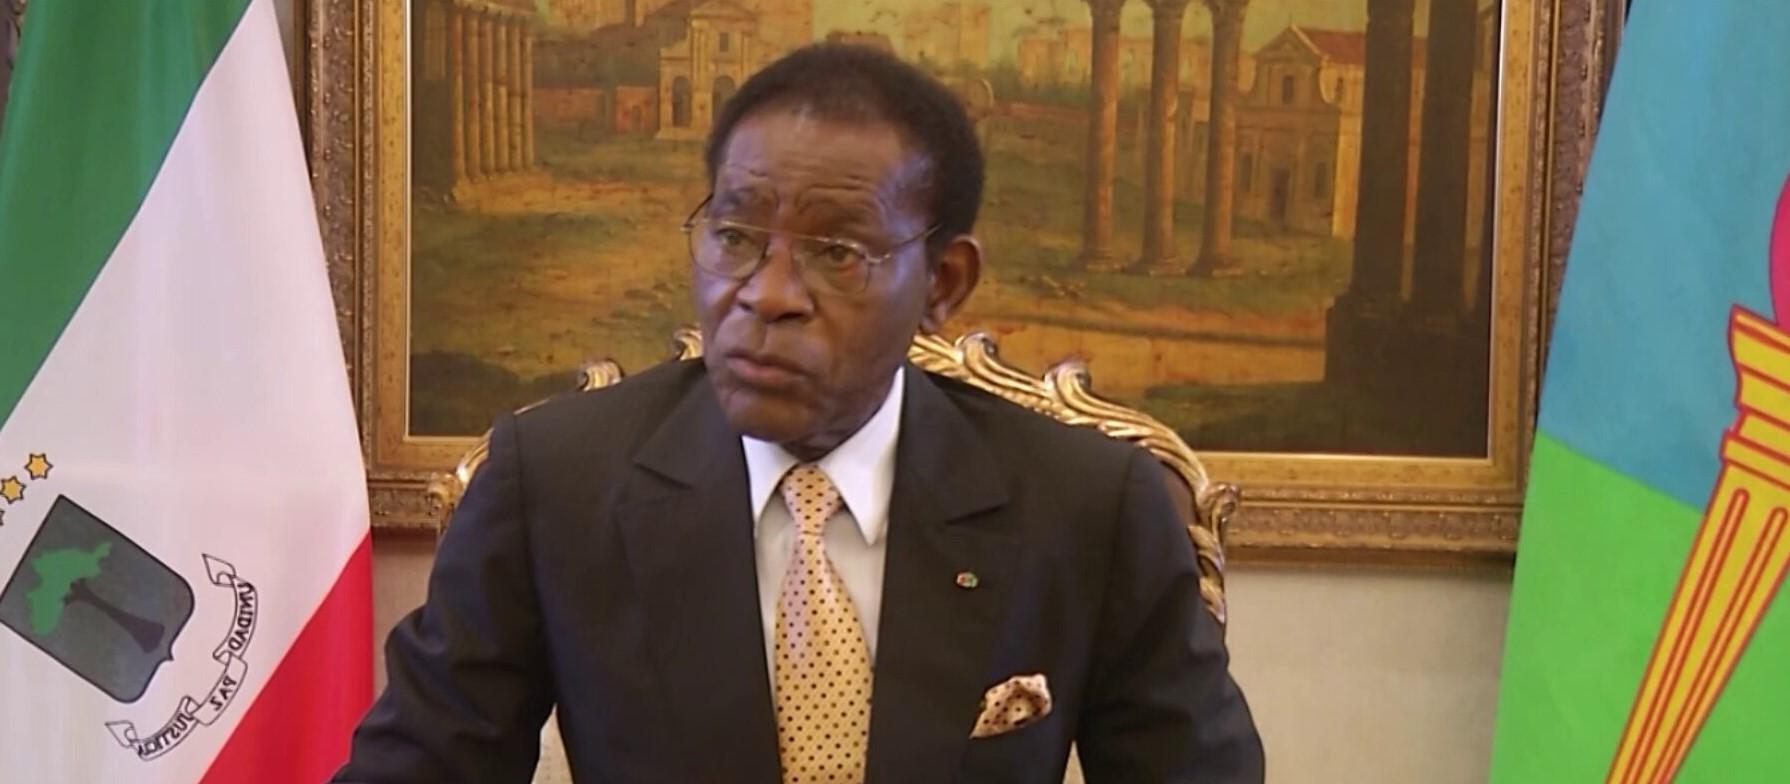 Le Président Teodoro Obiang Nguema lors de l'entretien avec RFI et SNA.